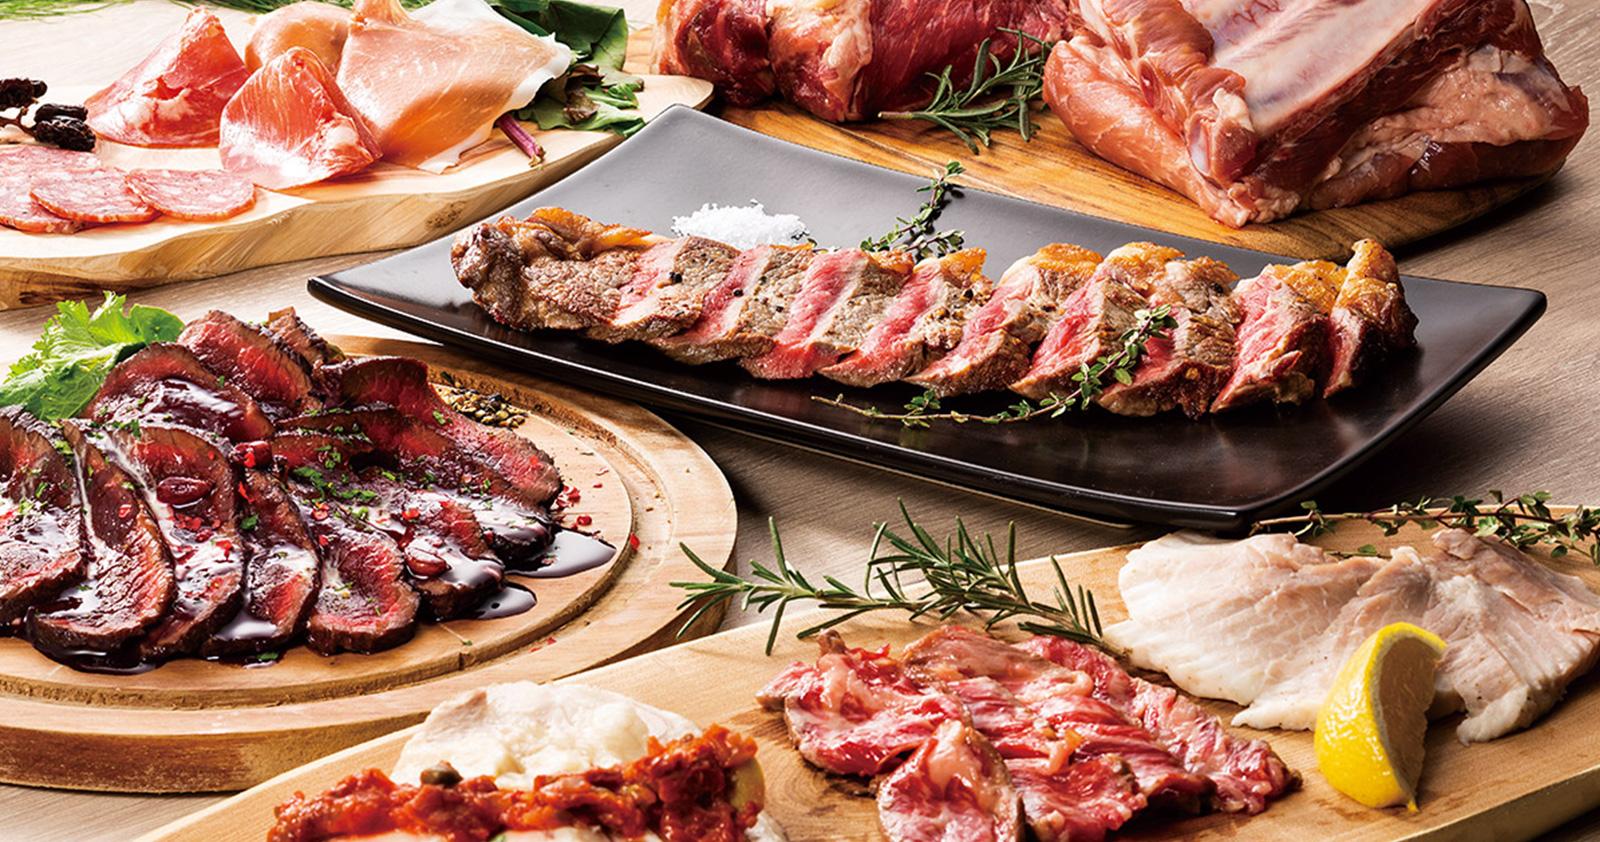 【歓送迎会プラン】国産赤城牛と名物肉刺し盛り合わせ堪能コース<飲み放題付>